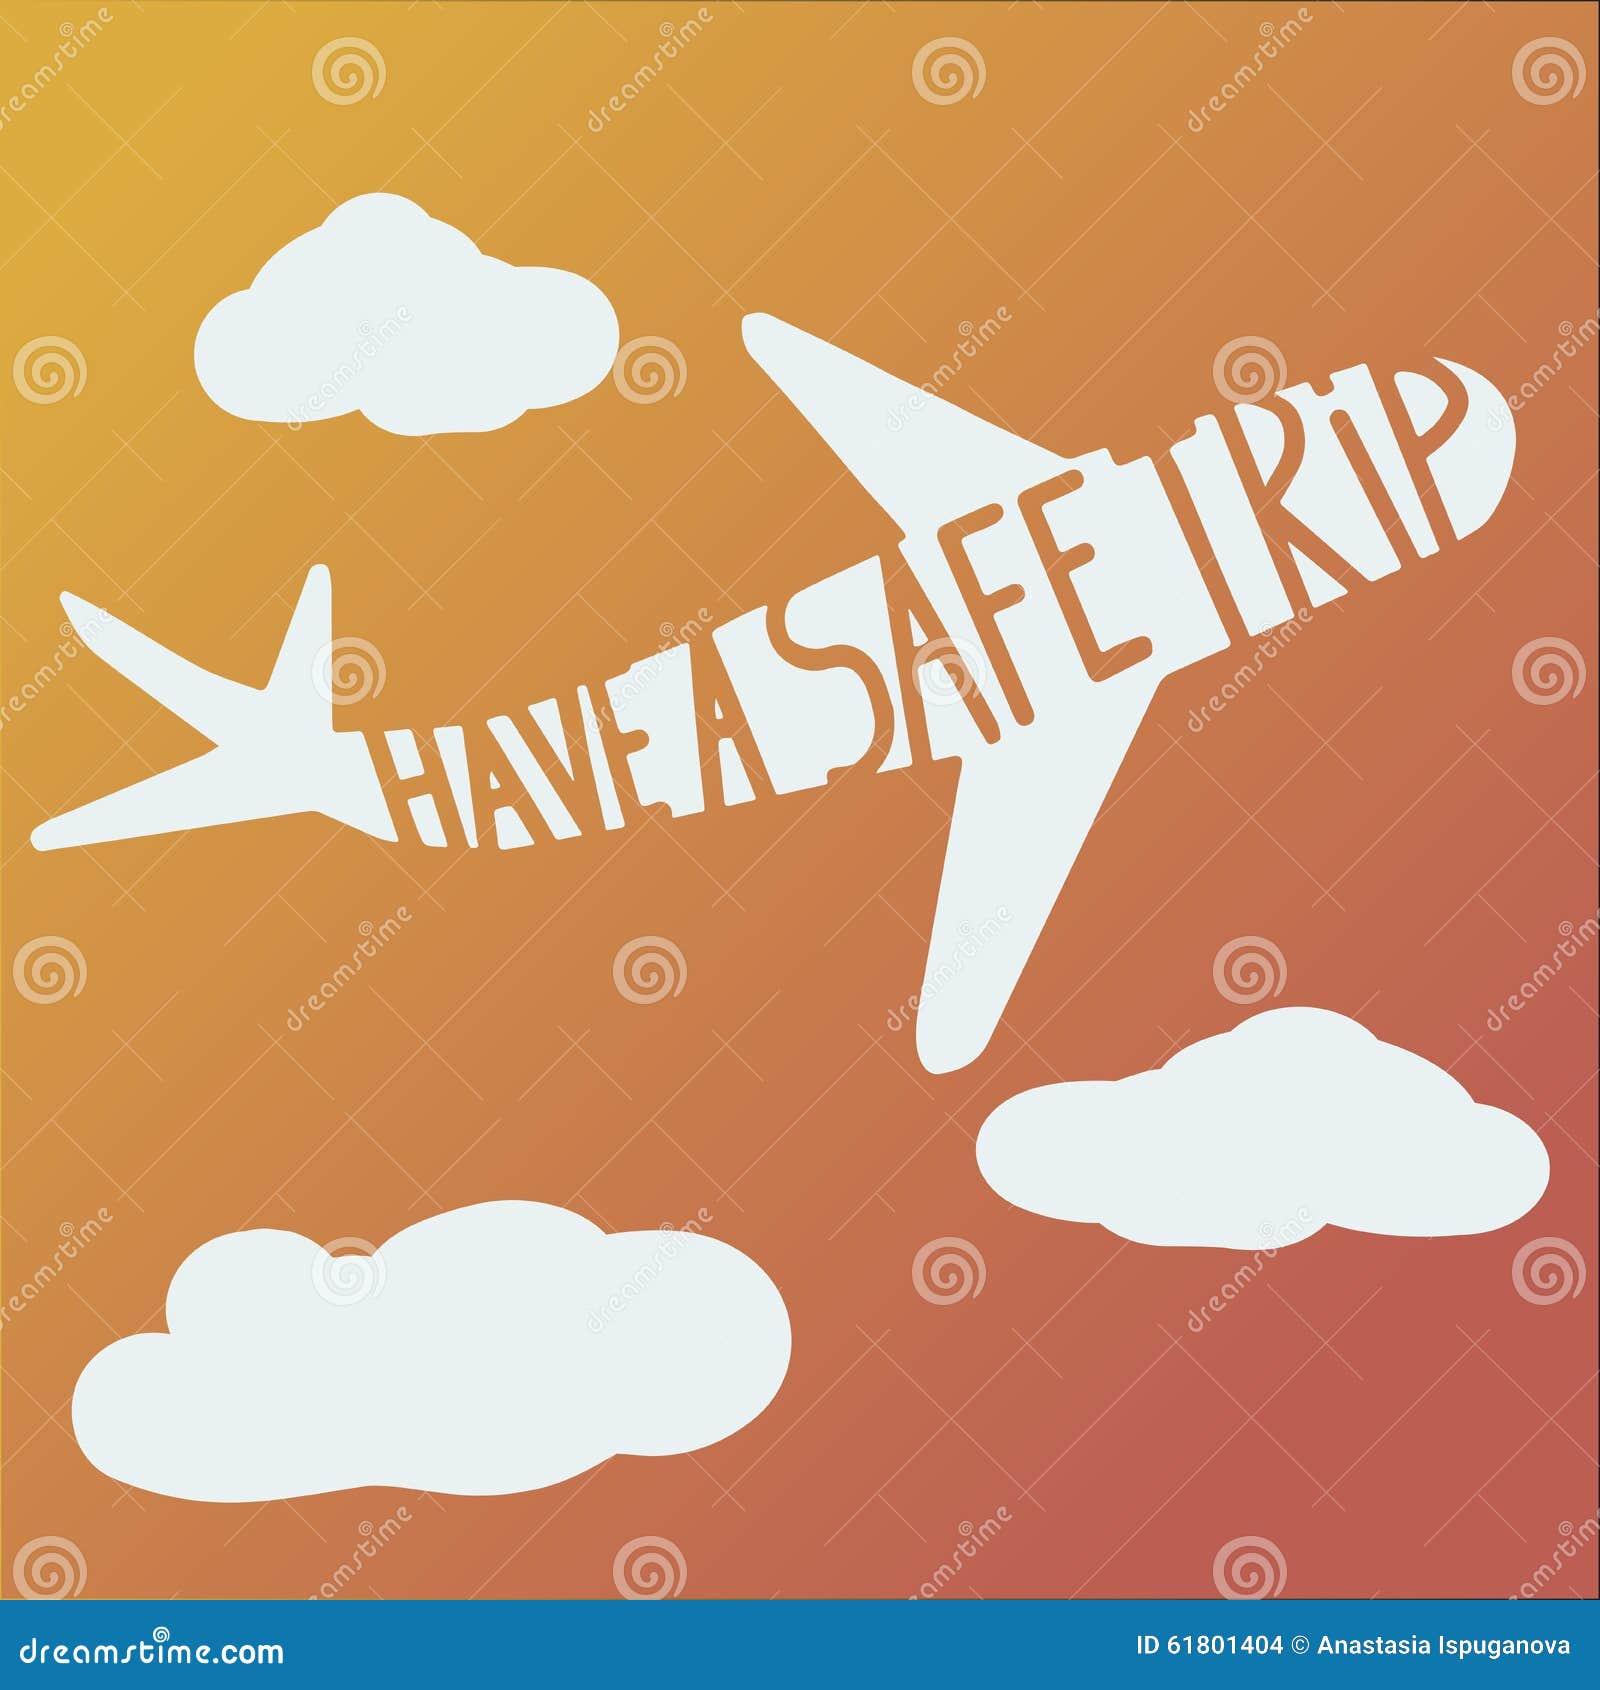 veilig op reis